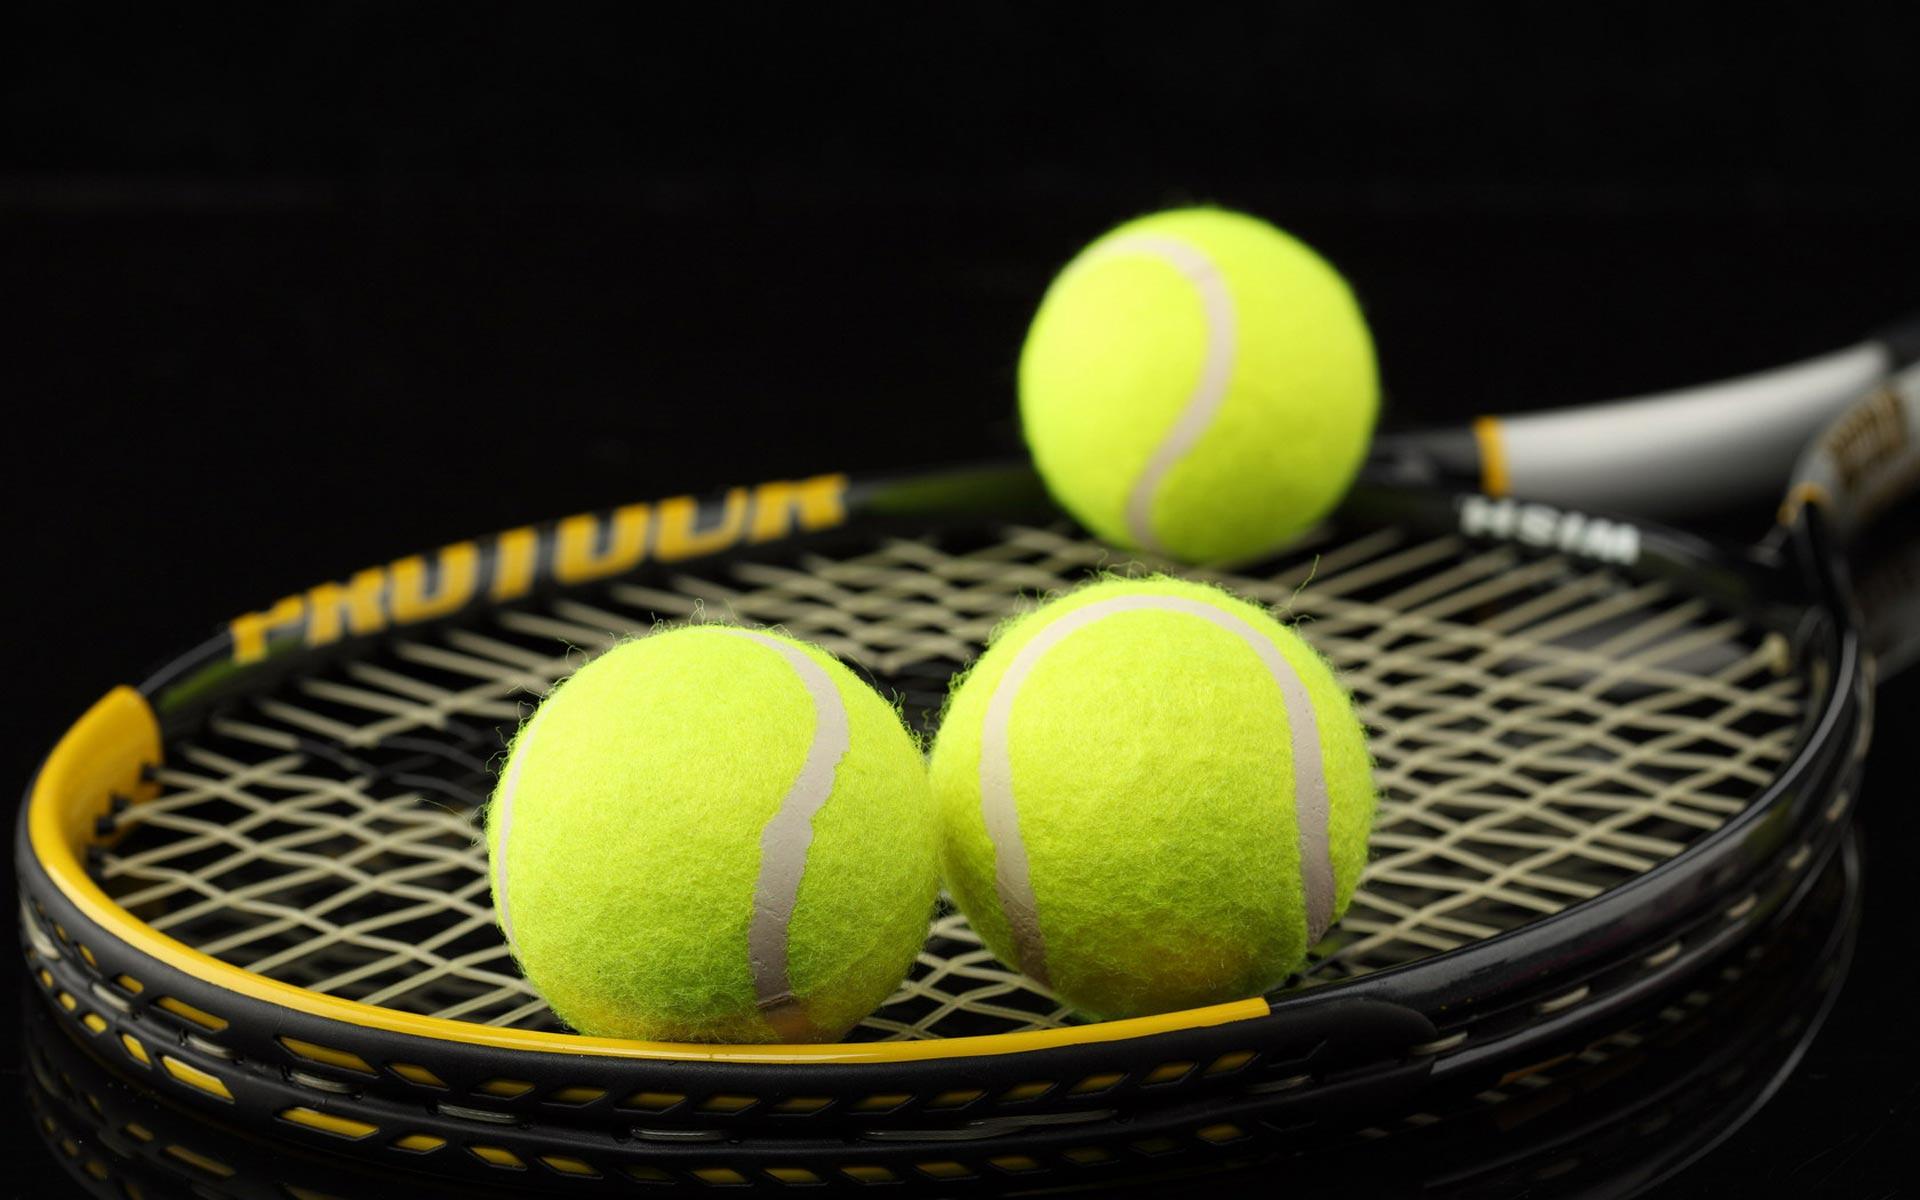 fond d'ecran tennis